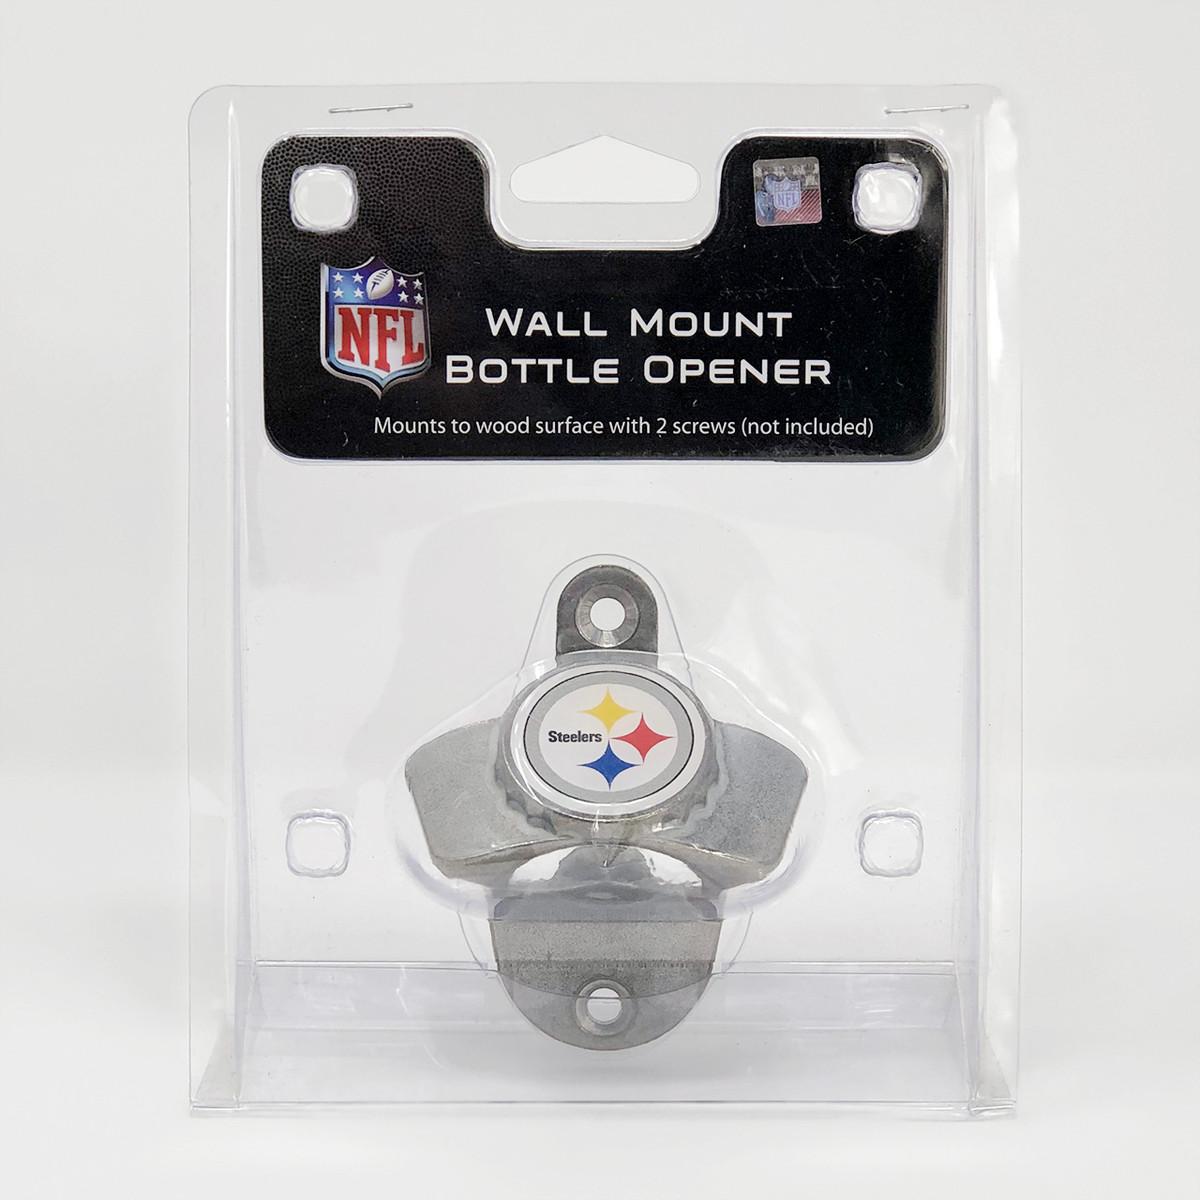 Steelers Wall Mount Bottle Opener